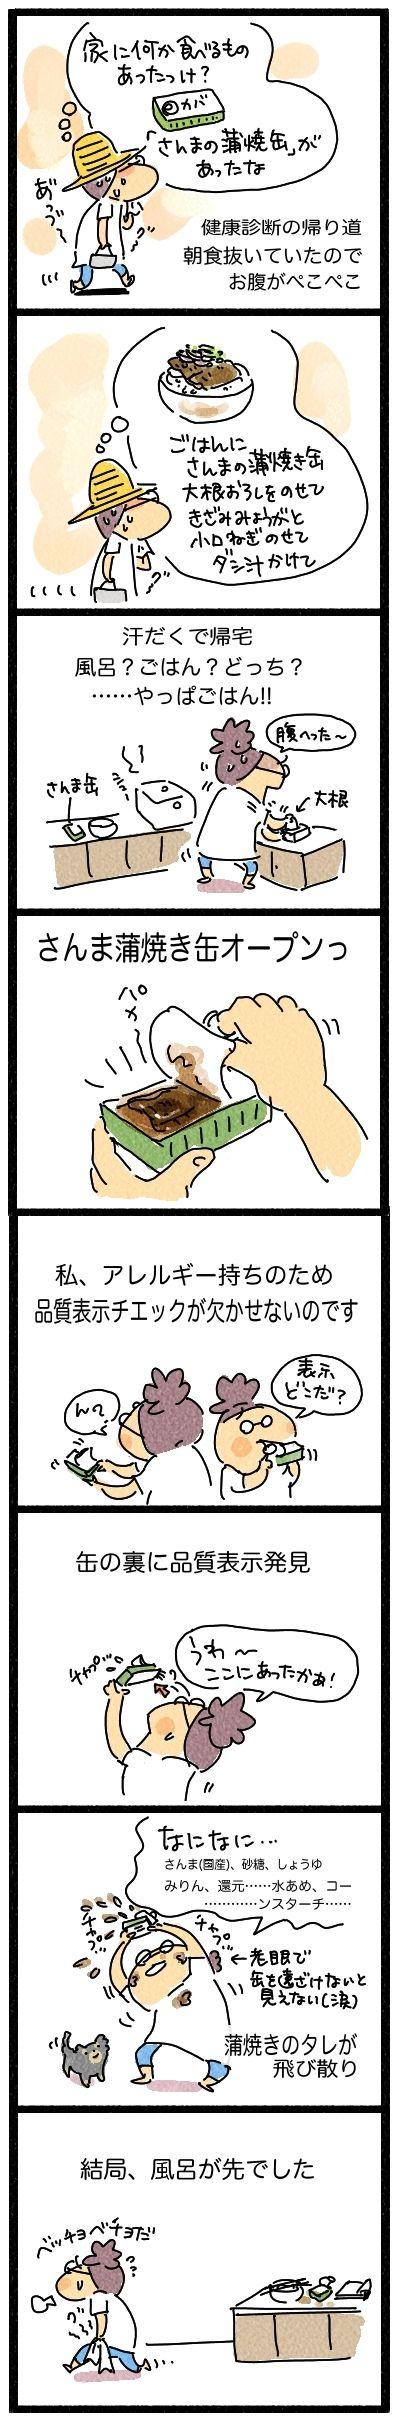 さんま蒲焼